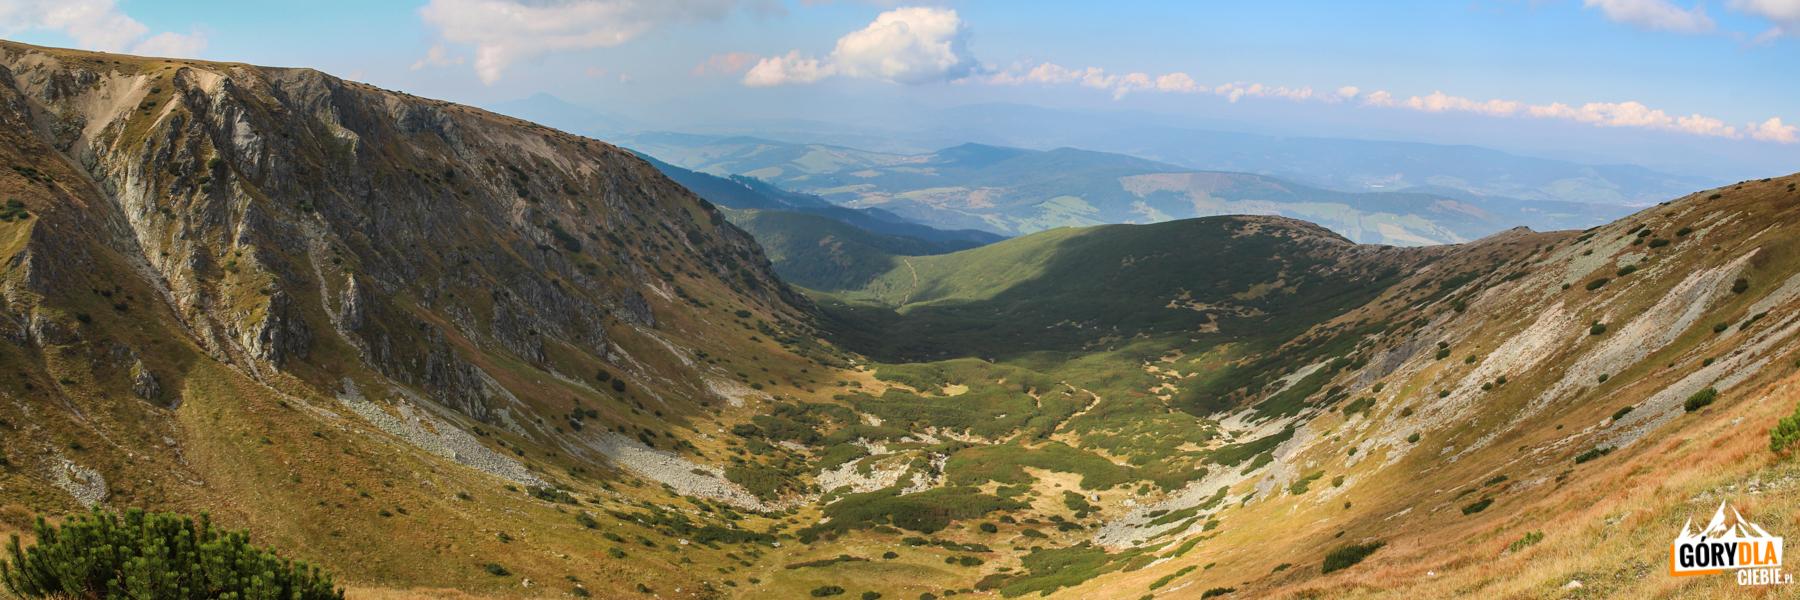 Dolina Bobrowiecka widziana zPrzełęczy Salatyńskiej (1870 m)